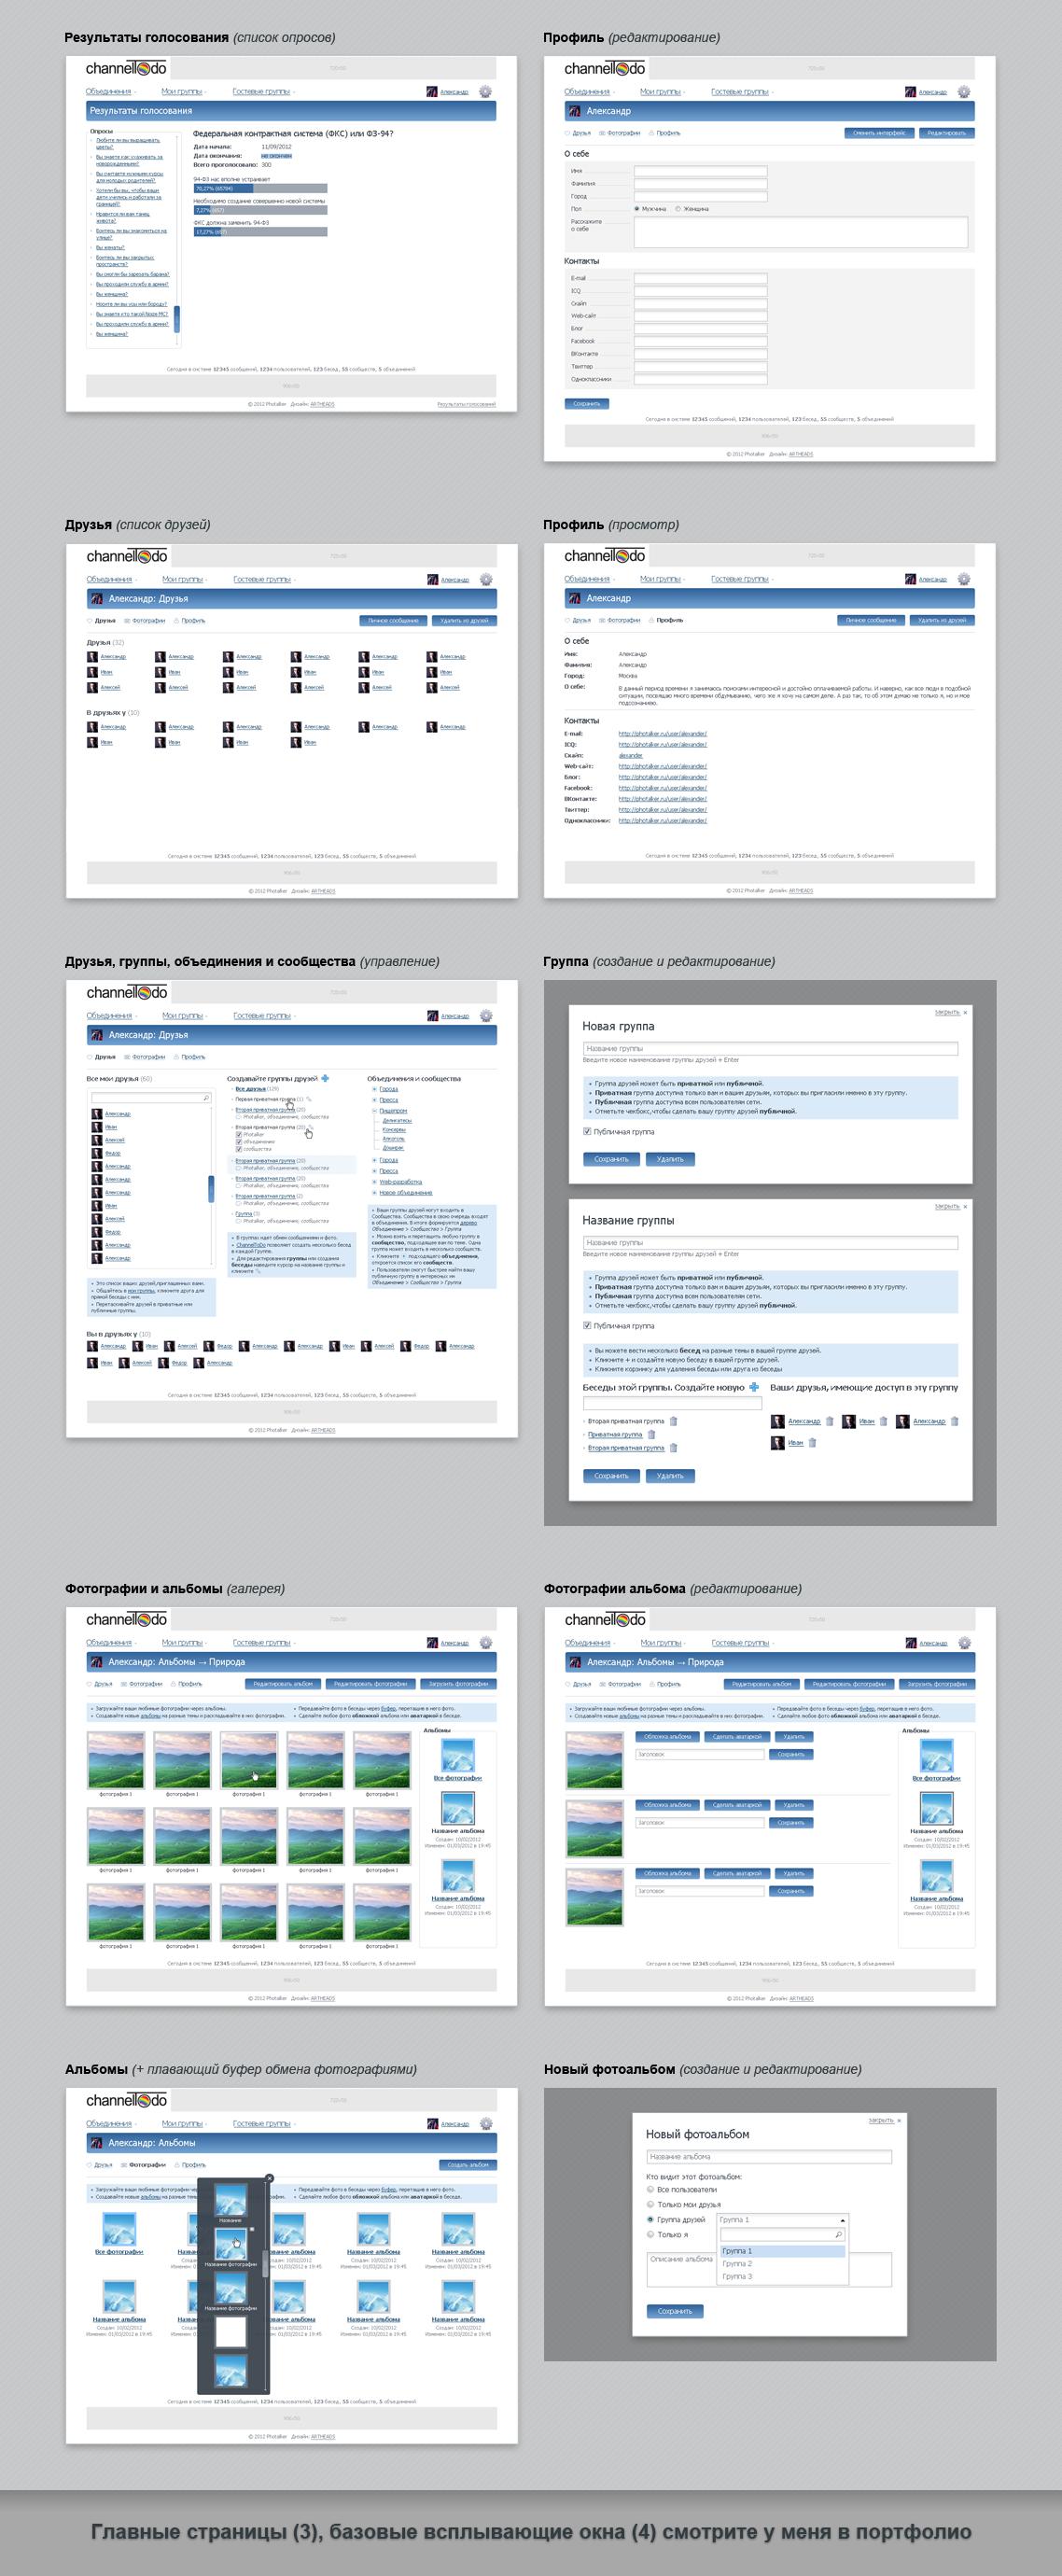 channelTodo: Интерактивная сеть. Внутренние страницы (11) и всплывающие окна (3)